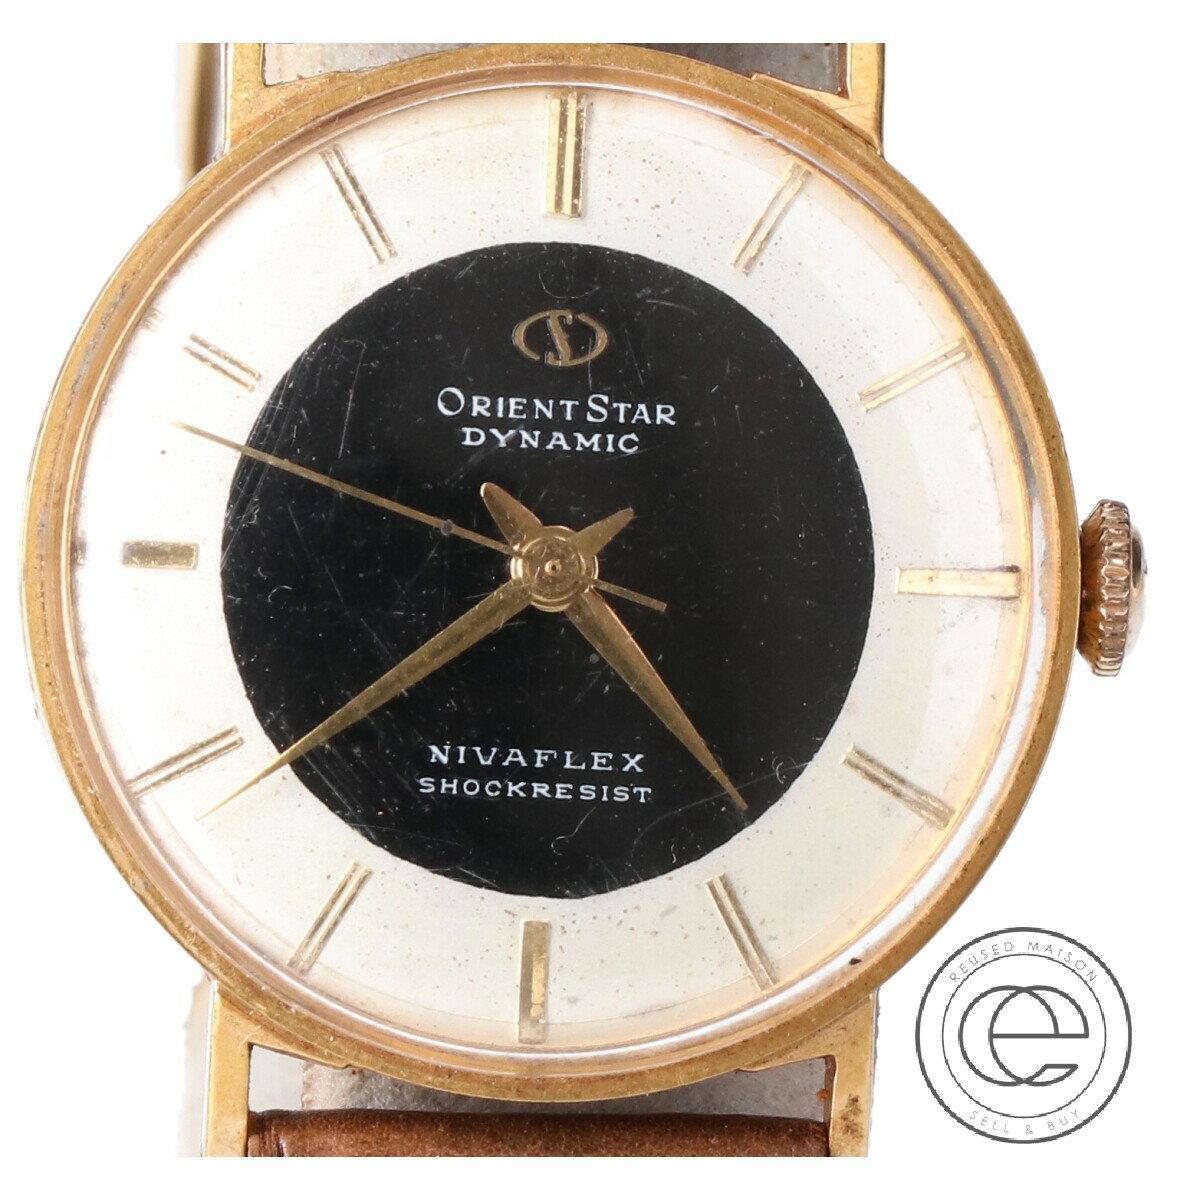 腕時計, メンズ腕時計 ORIENTSTAR DYNAMIC NIVAFLEX SHOCKRESIST T13033 14K YG